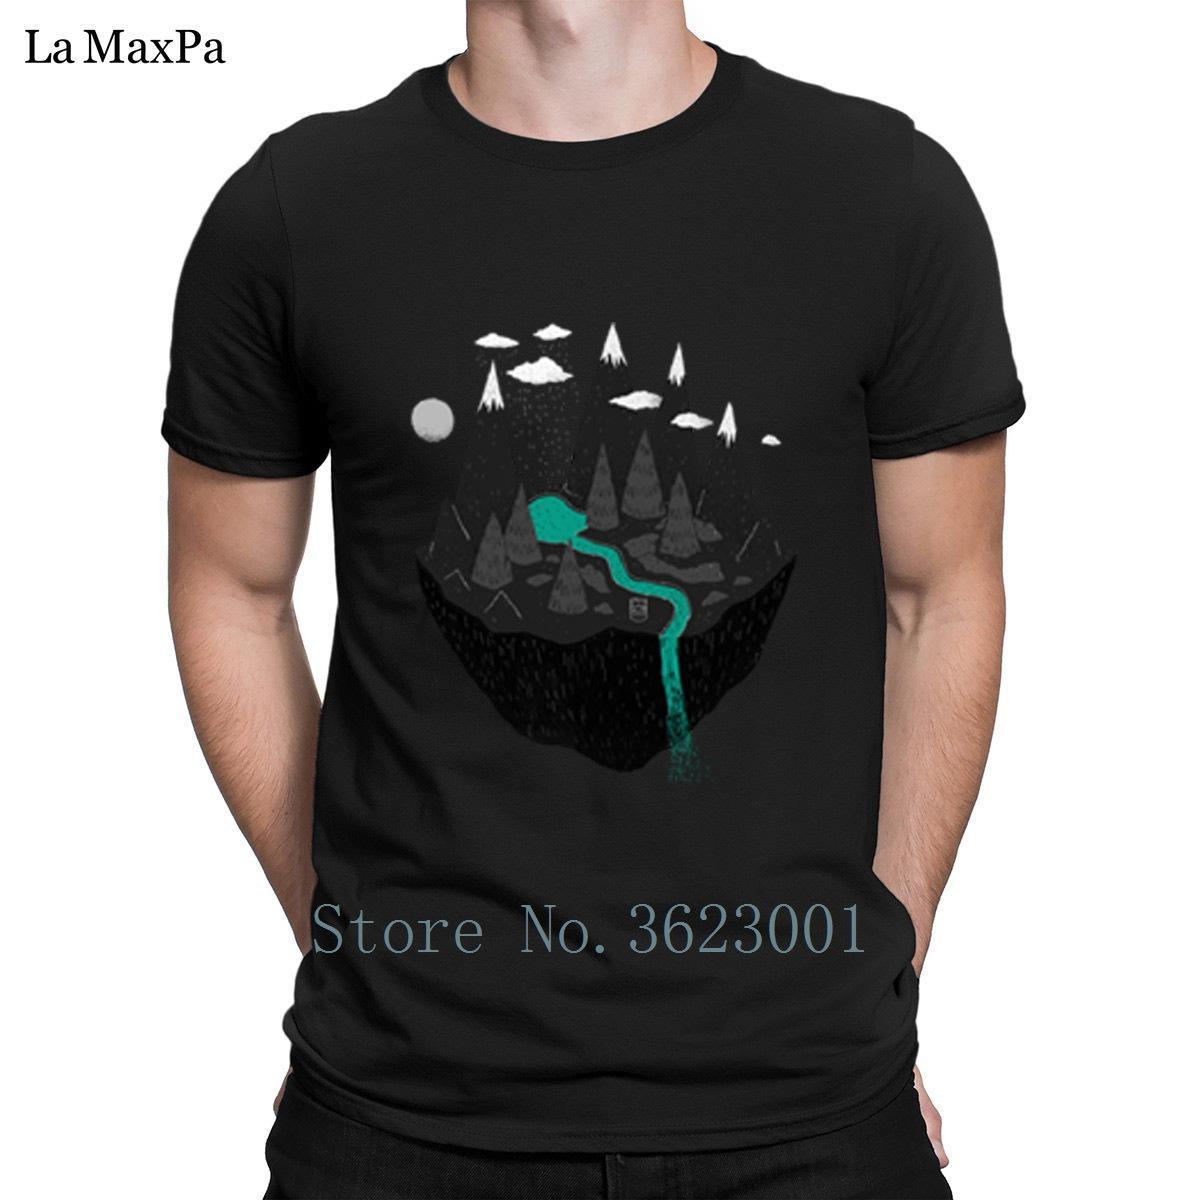 Personality-Freizeit-T-Shirt für Männer Floating Island-T-Shirt der Männer Street T-Shirt Einzigartige Männer-T-Shirt plus Größe Interesting